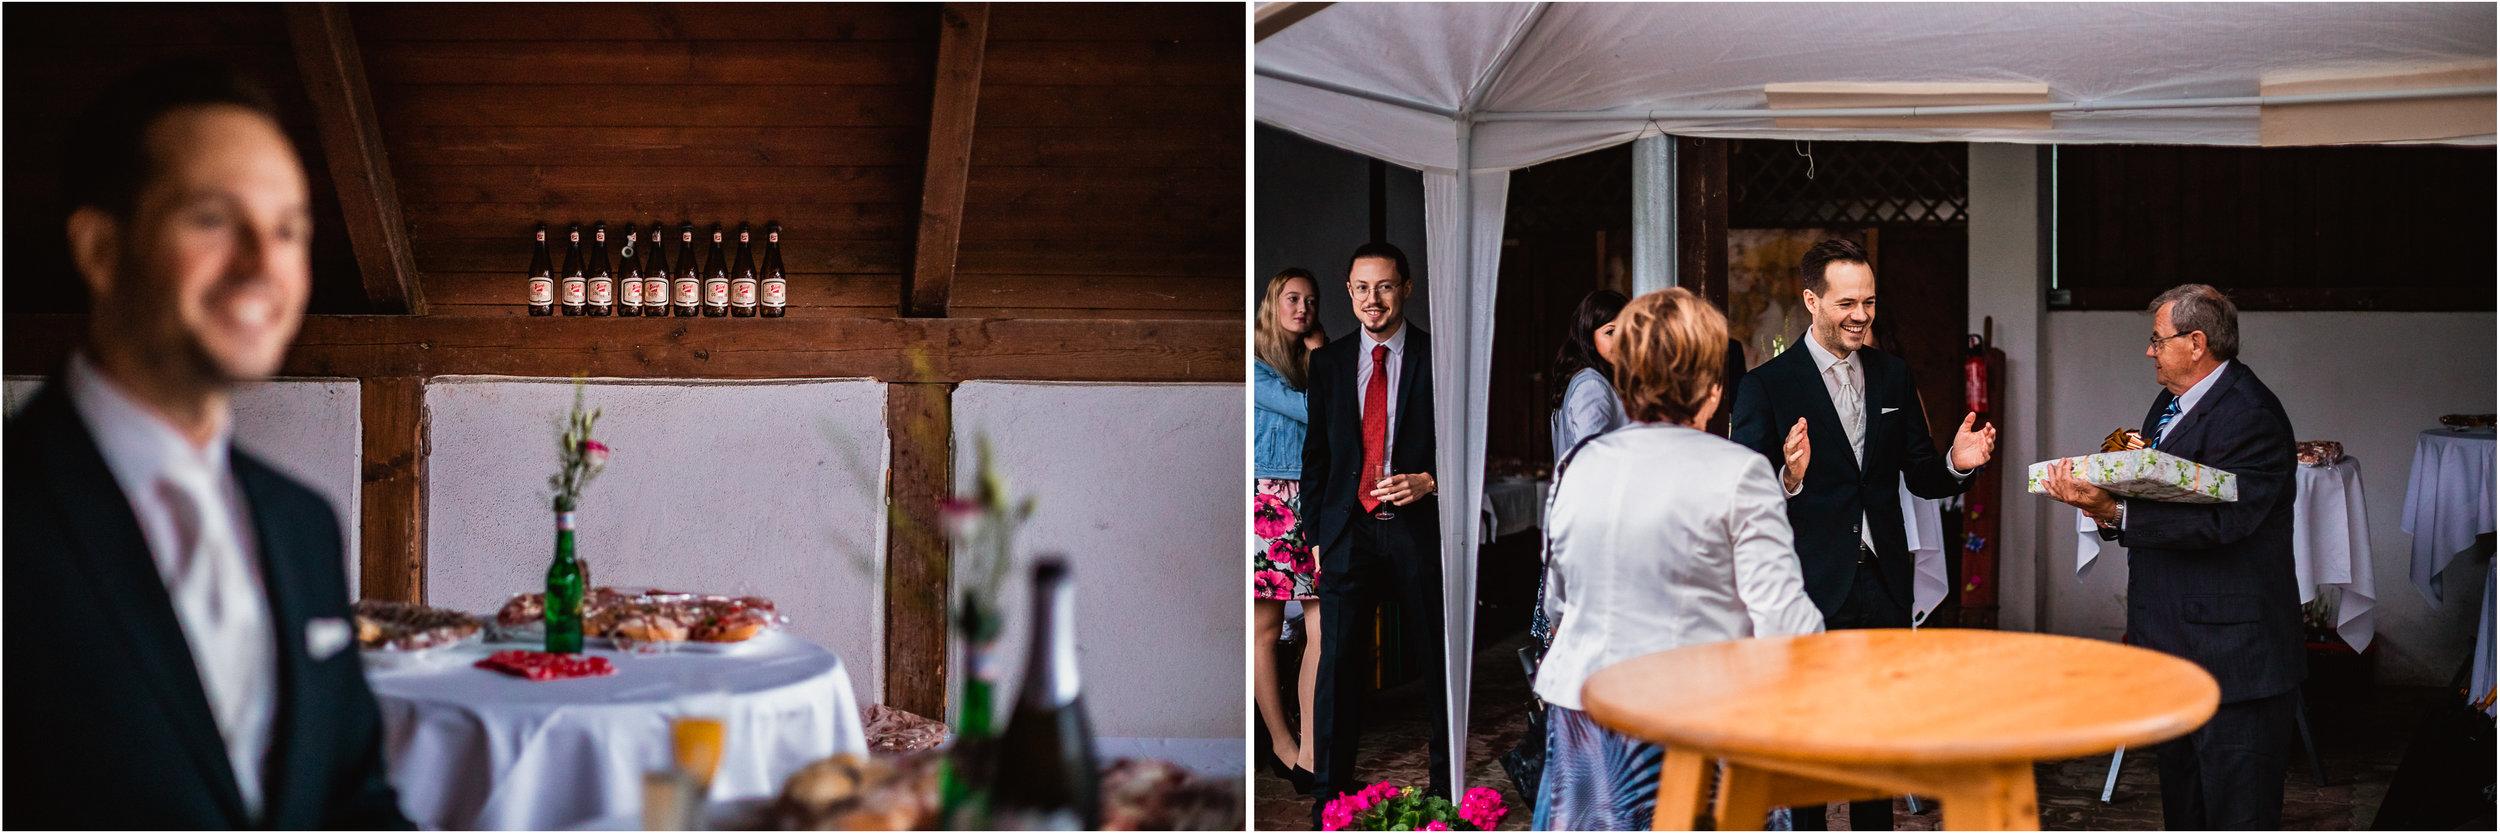 Hochzeit_Stubenberg_04.jpg